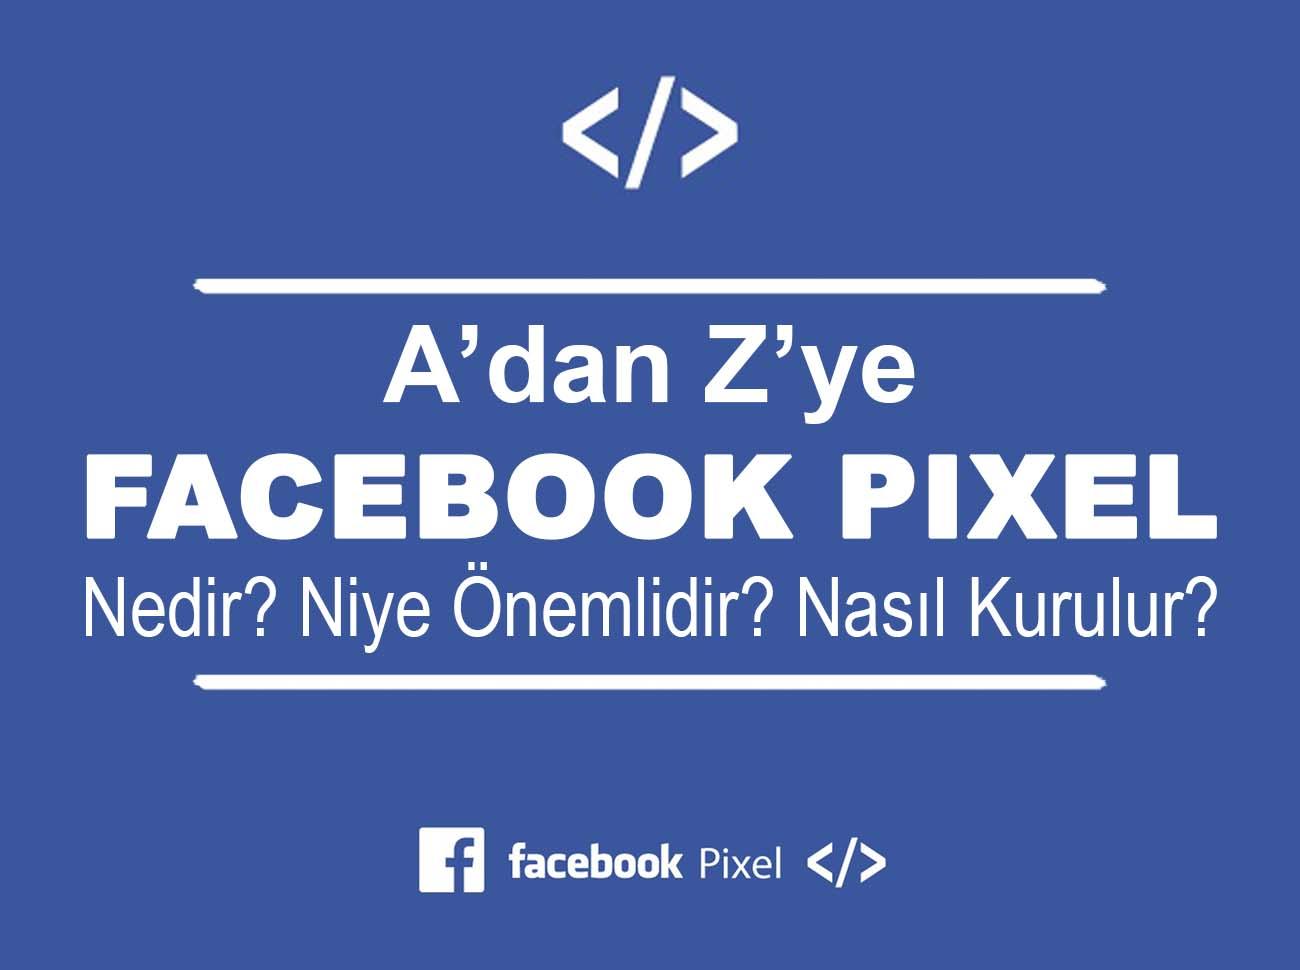 Facebook Pixel Nedir? Nasıl Kurulur?